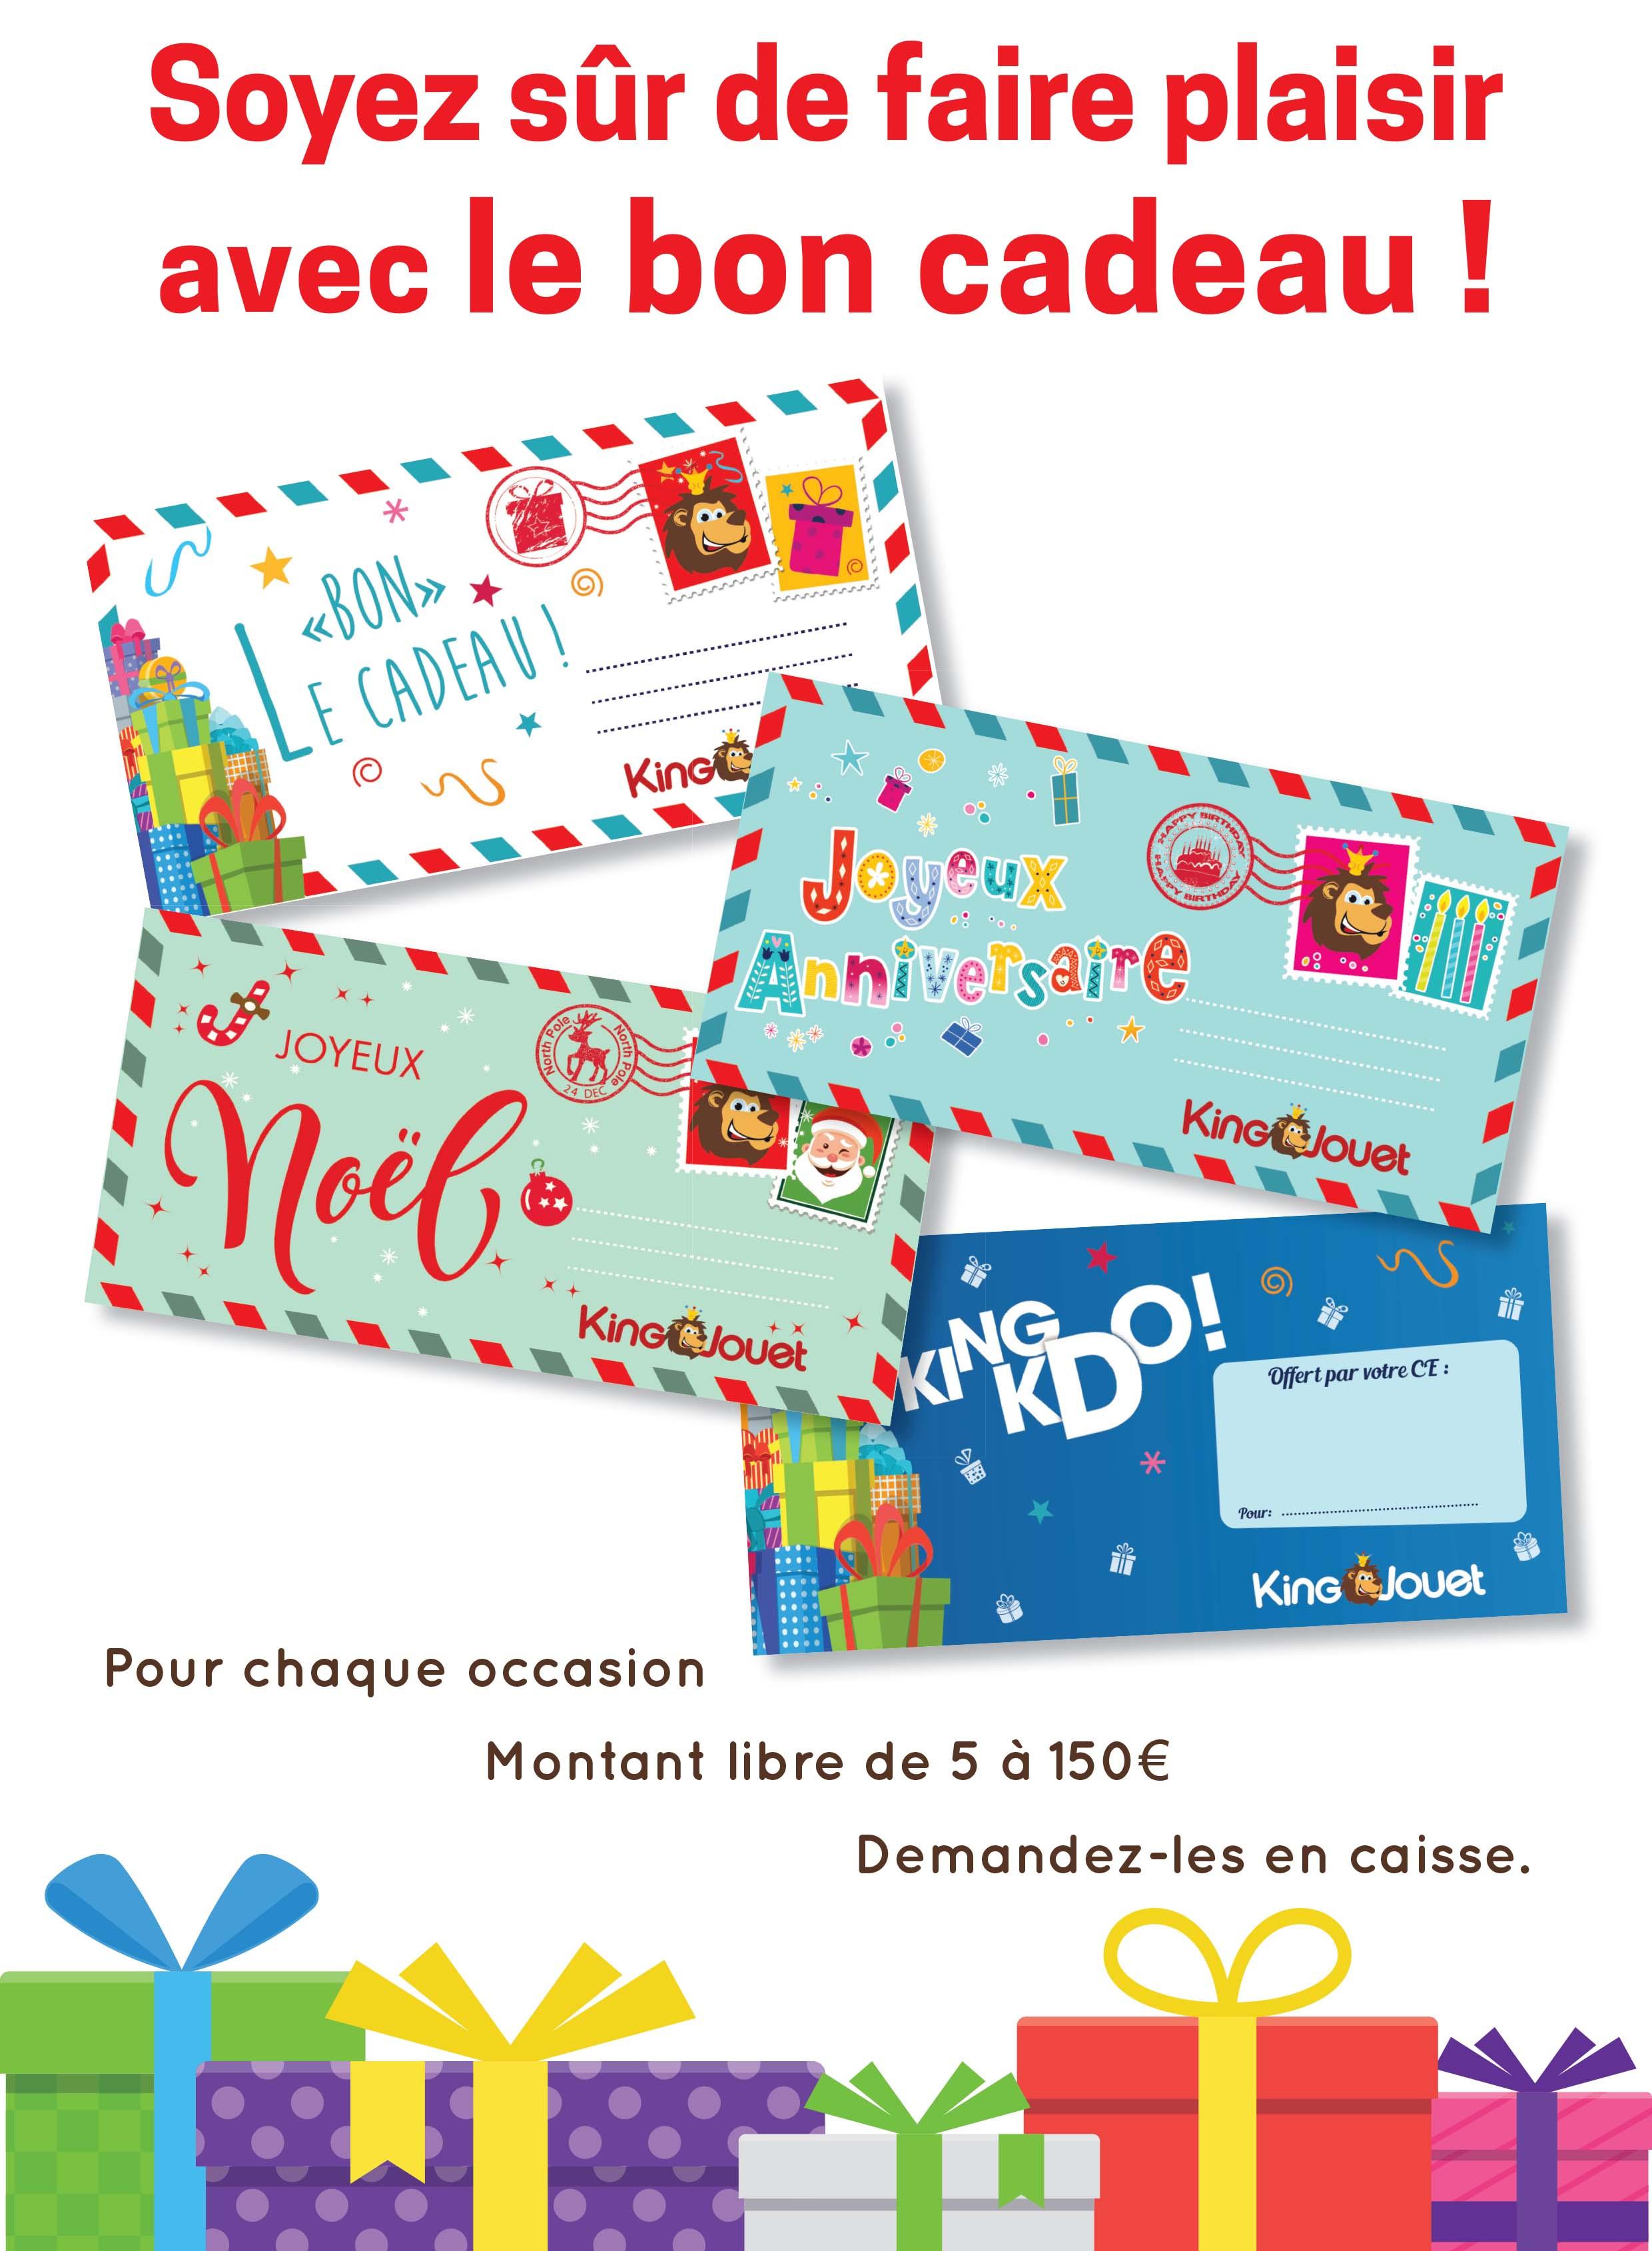 Carte King Carte Cadeau Jouet Cadeau tdsQrCh